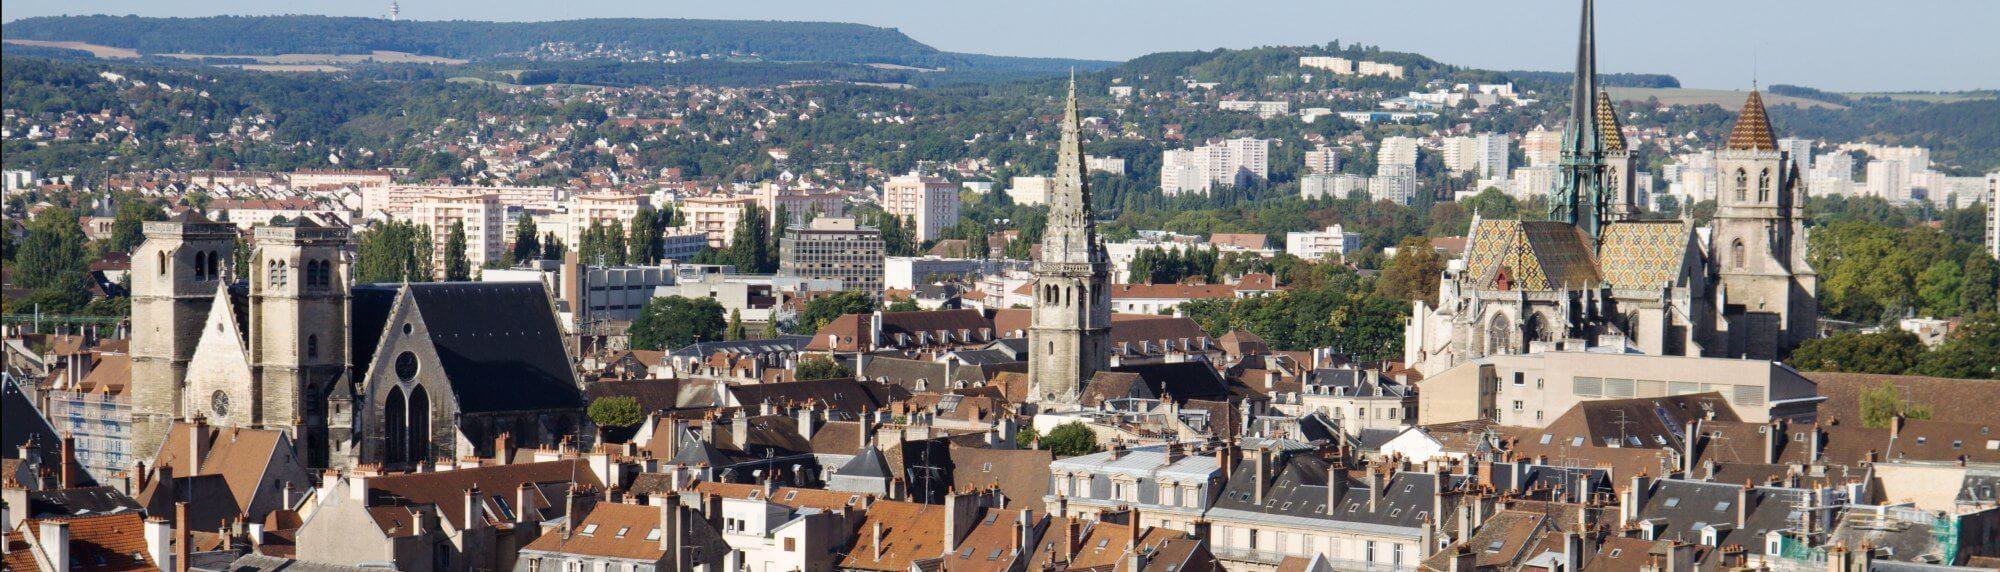 CUCDB Dijon